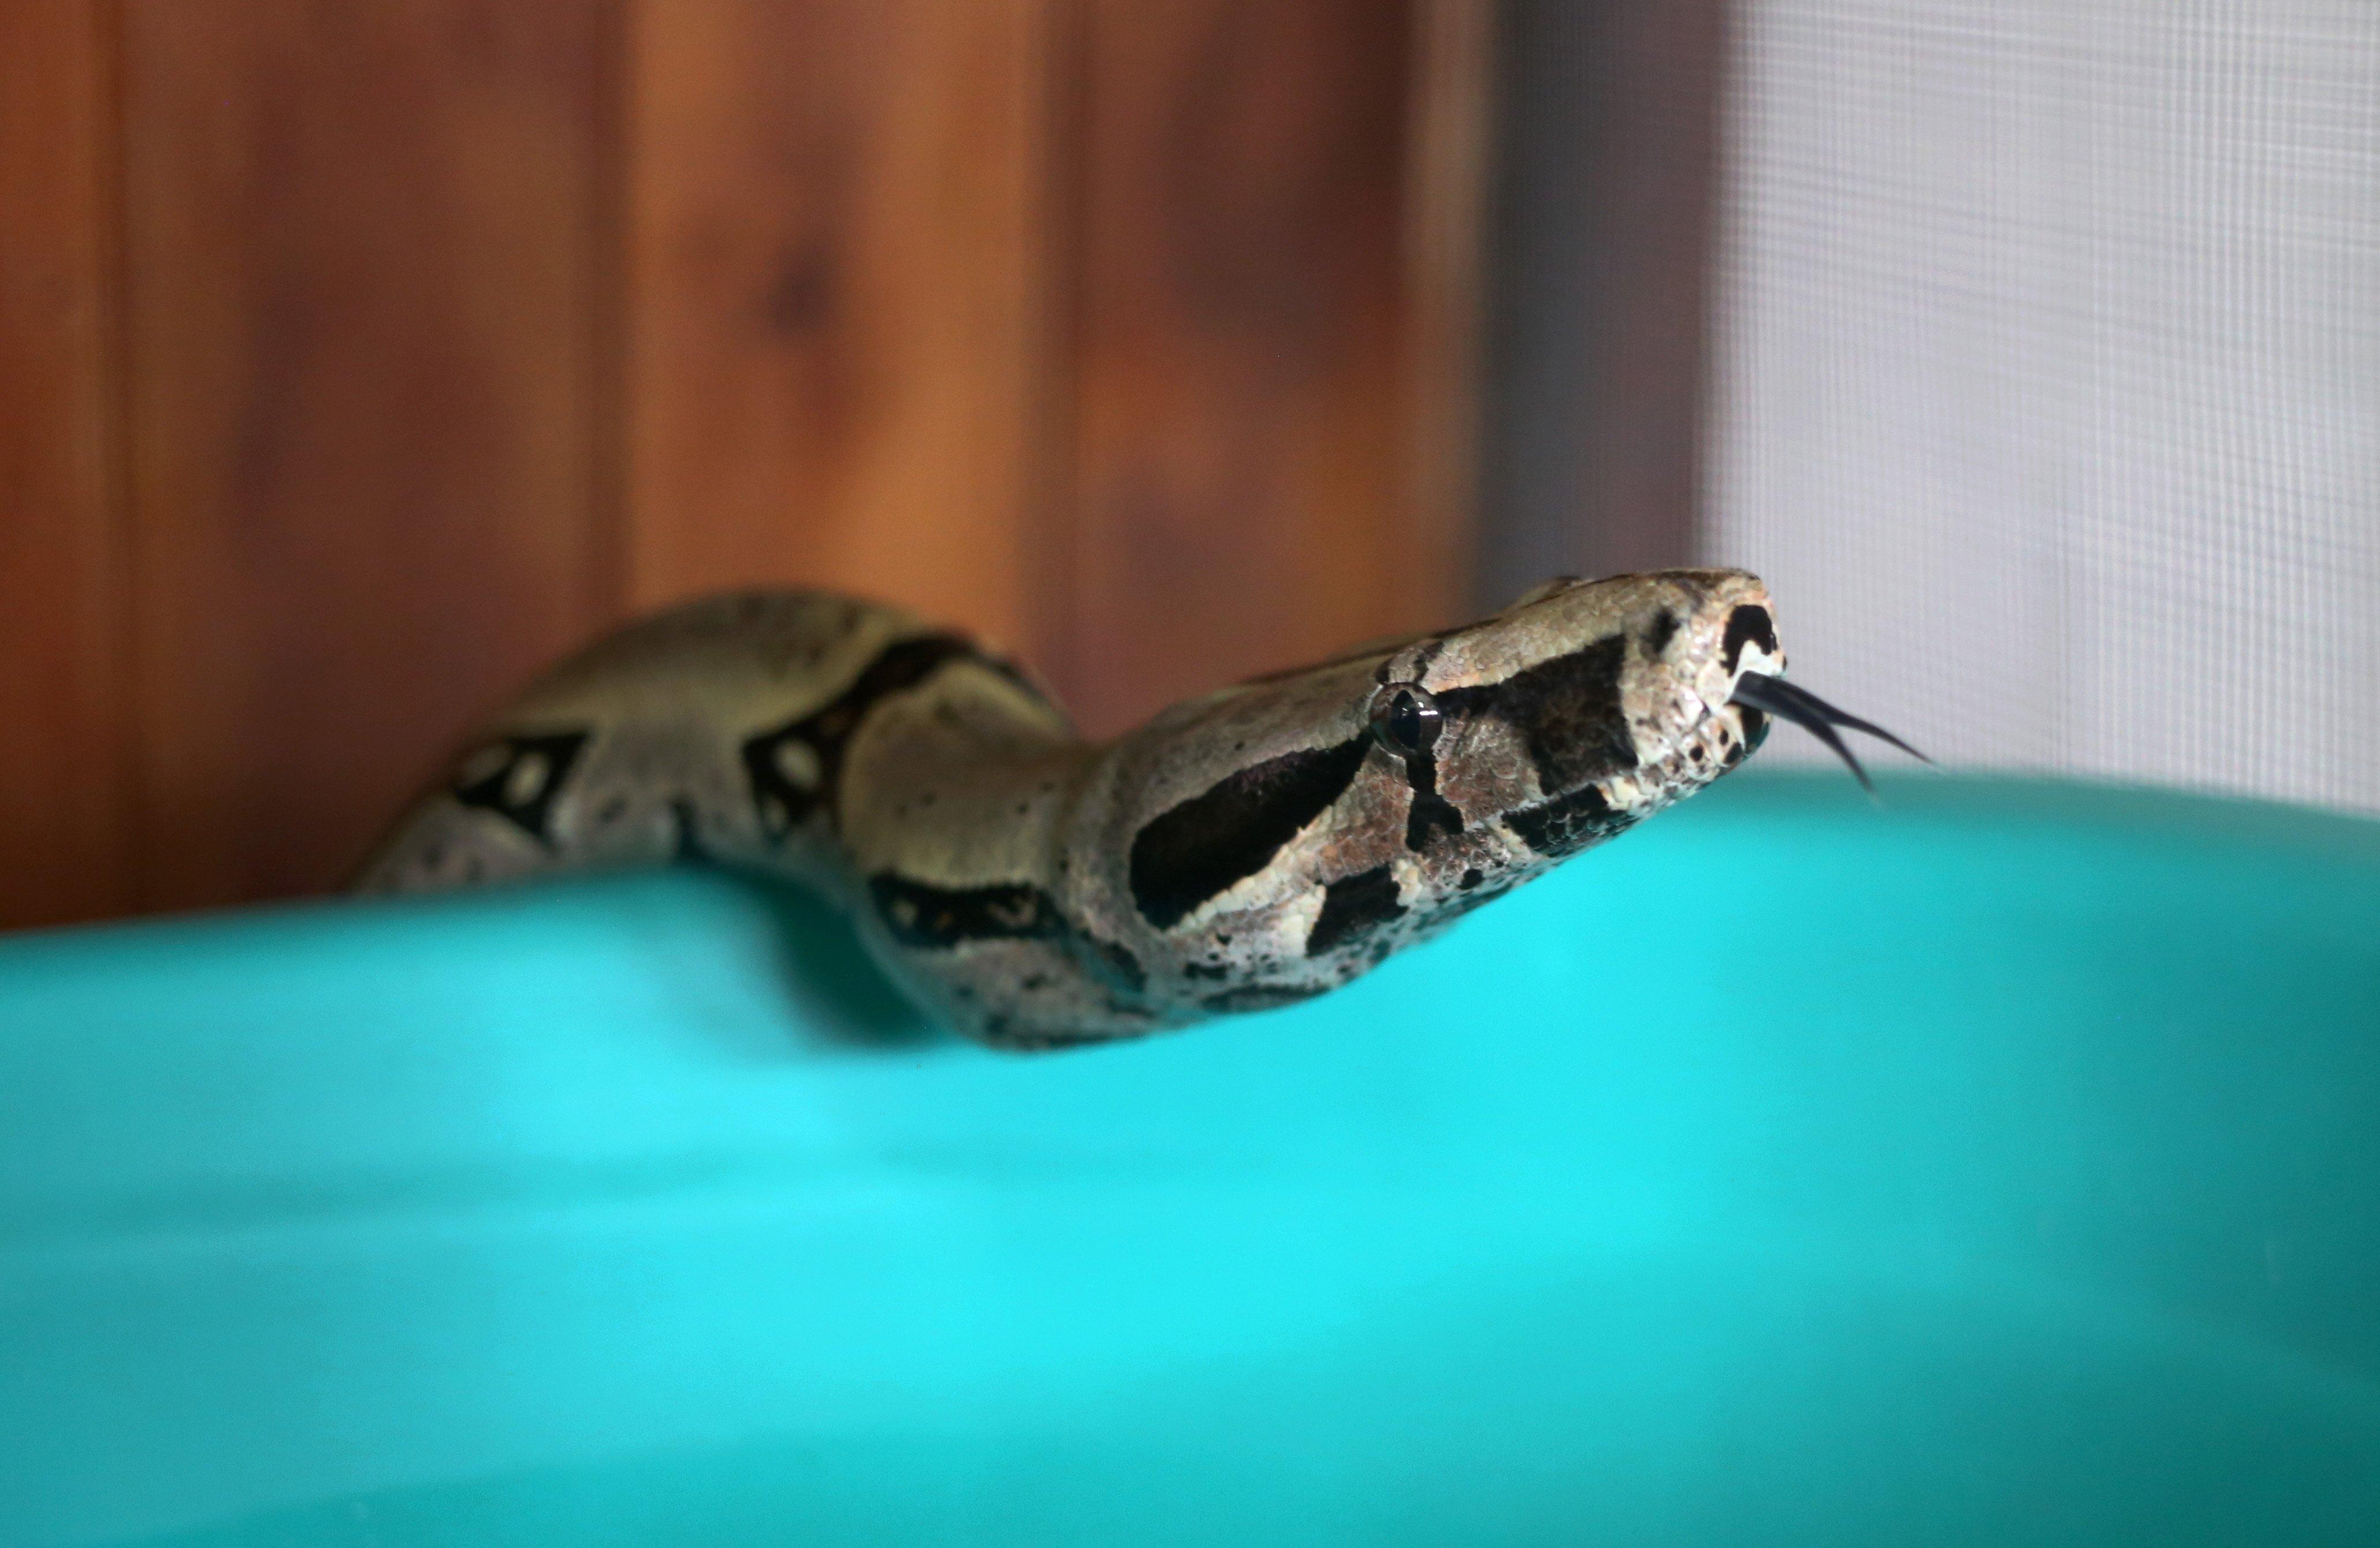 FOTO Serpientes causan más de 100 mil muertes cada año, dice OMS (AP 15 enero 2016 peru)